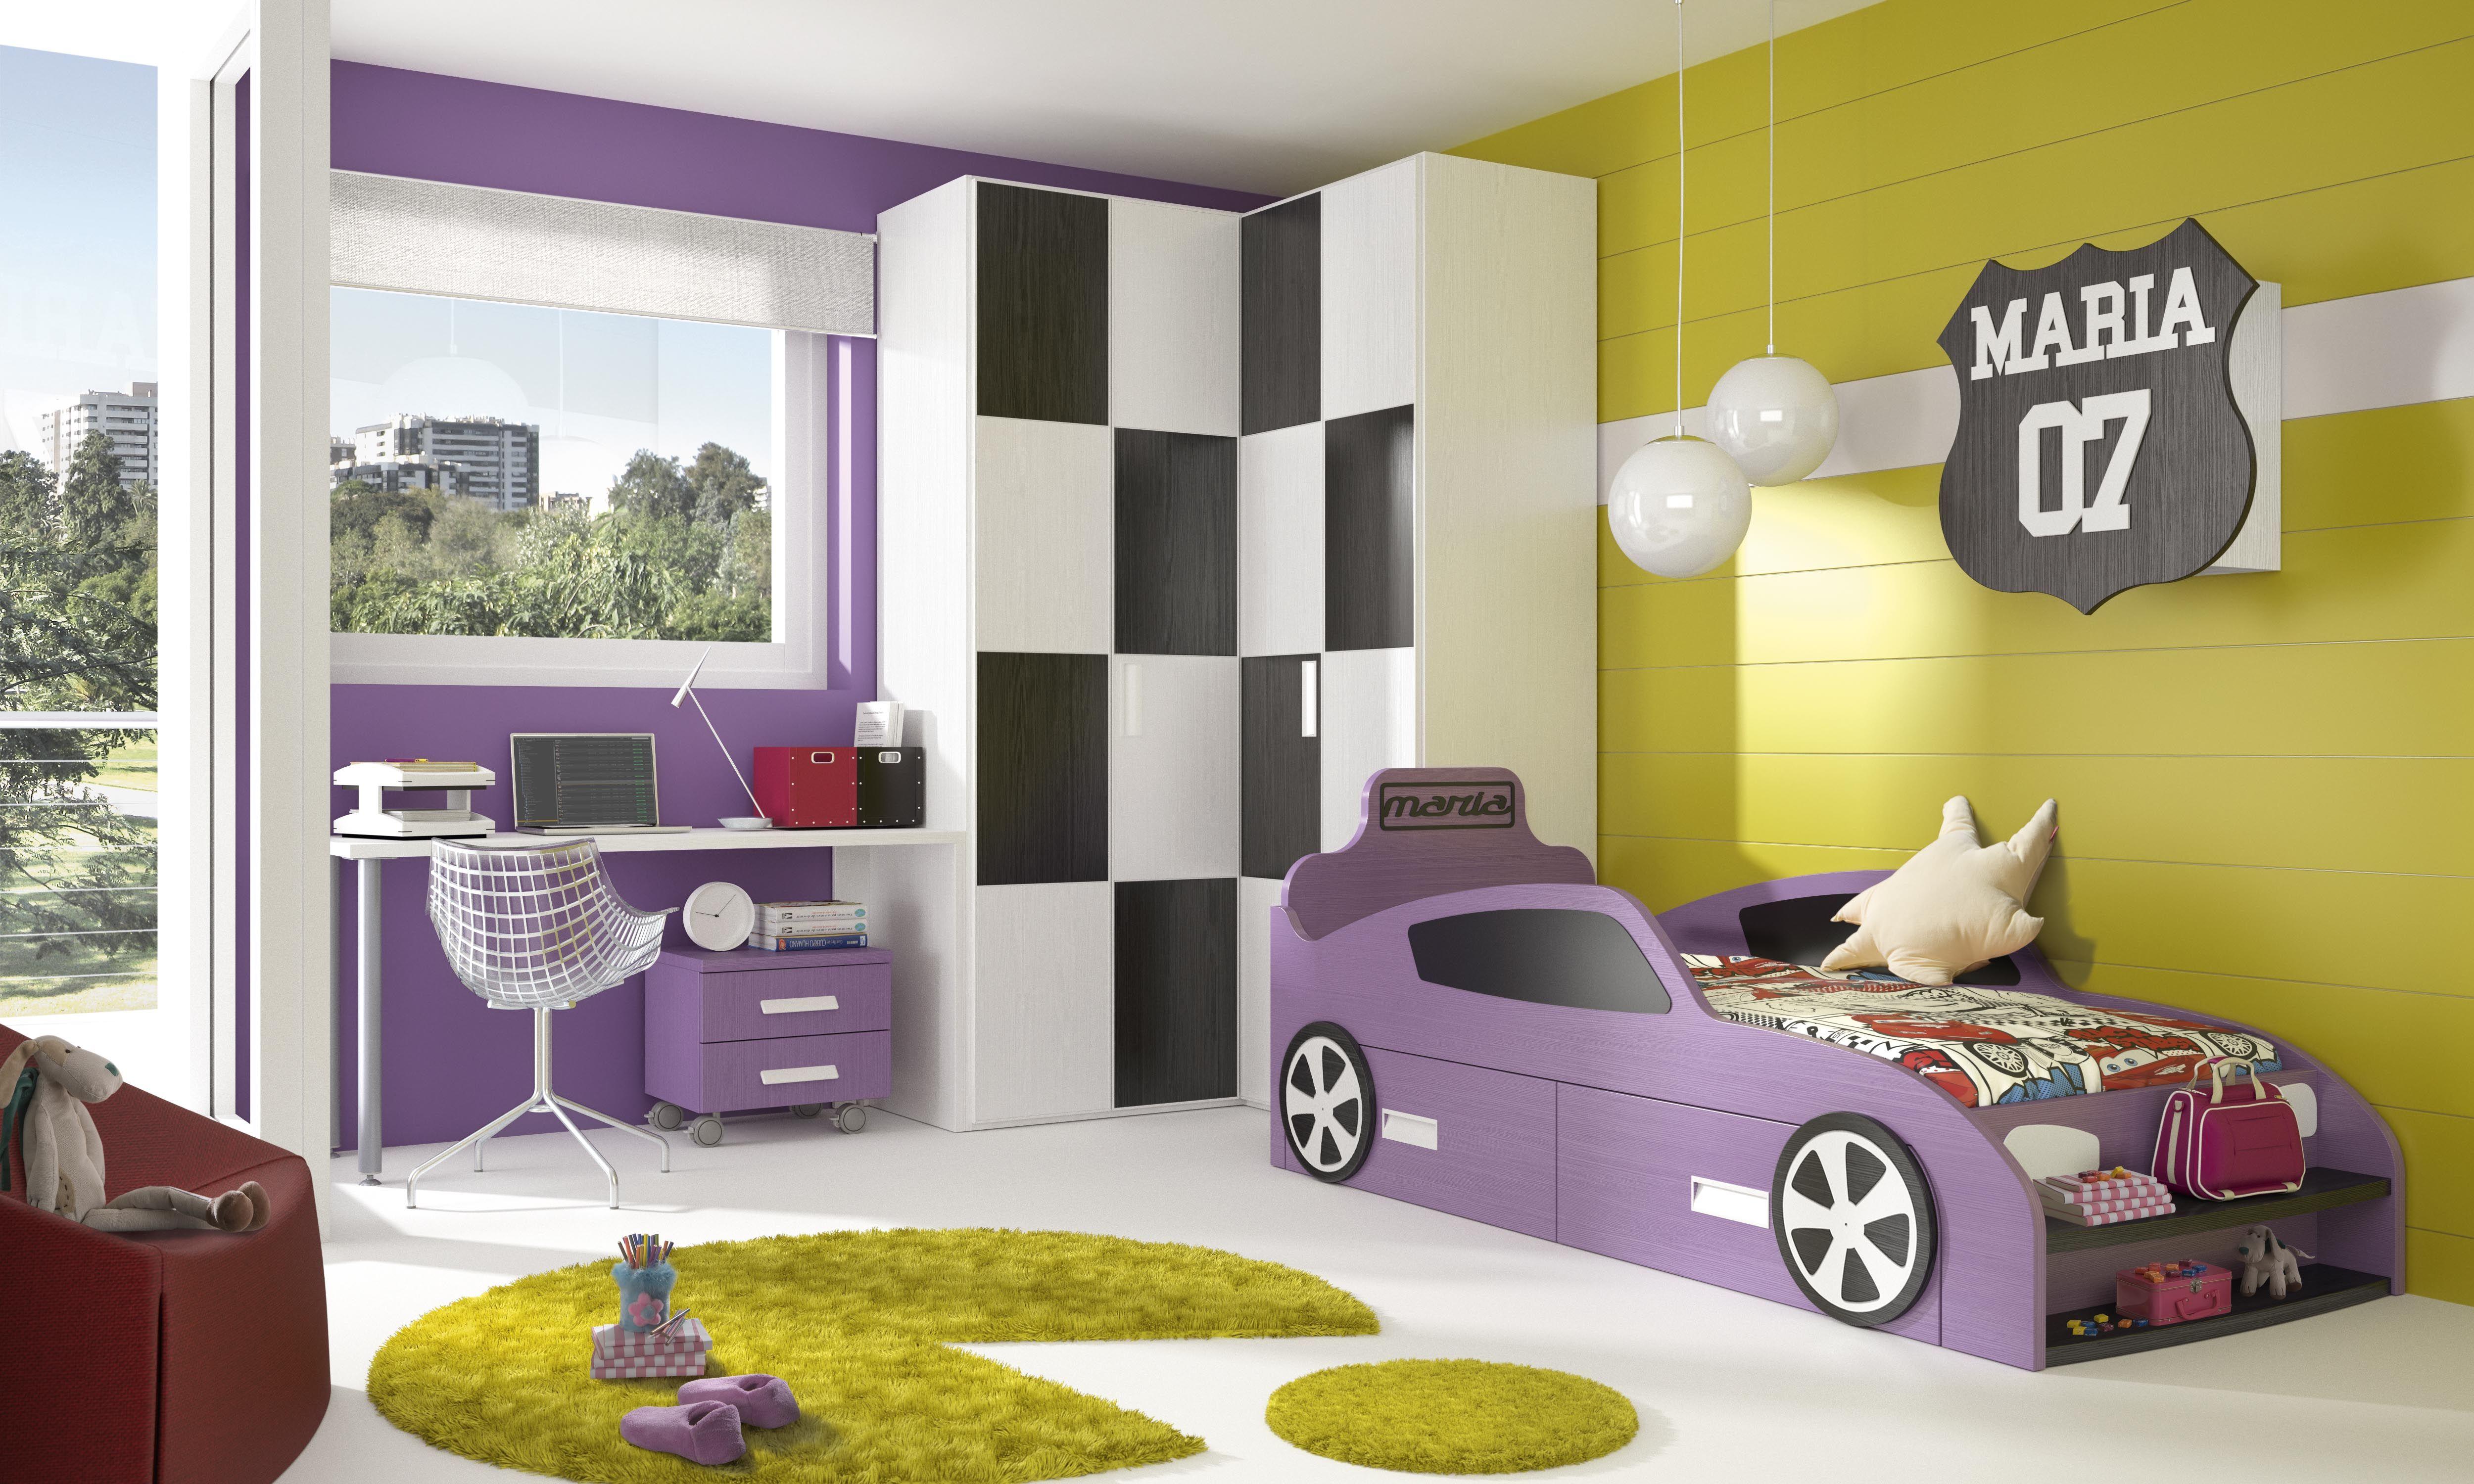 Habitaciones infantiles tem ticas dibujos animados coches6 for Muebles habitacion infantil nina